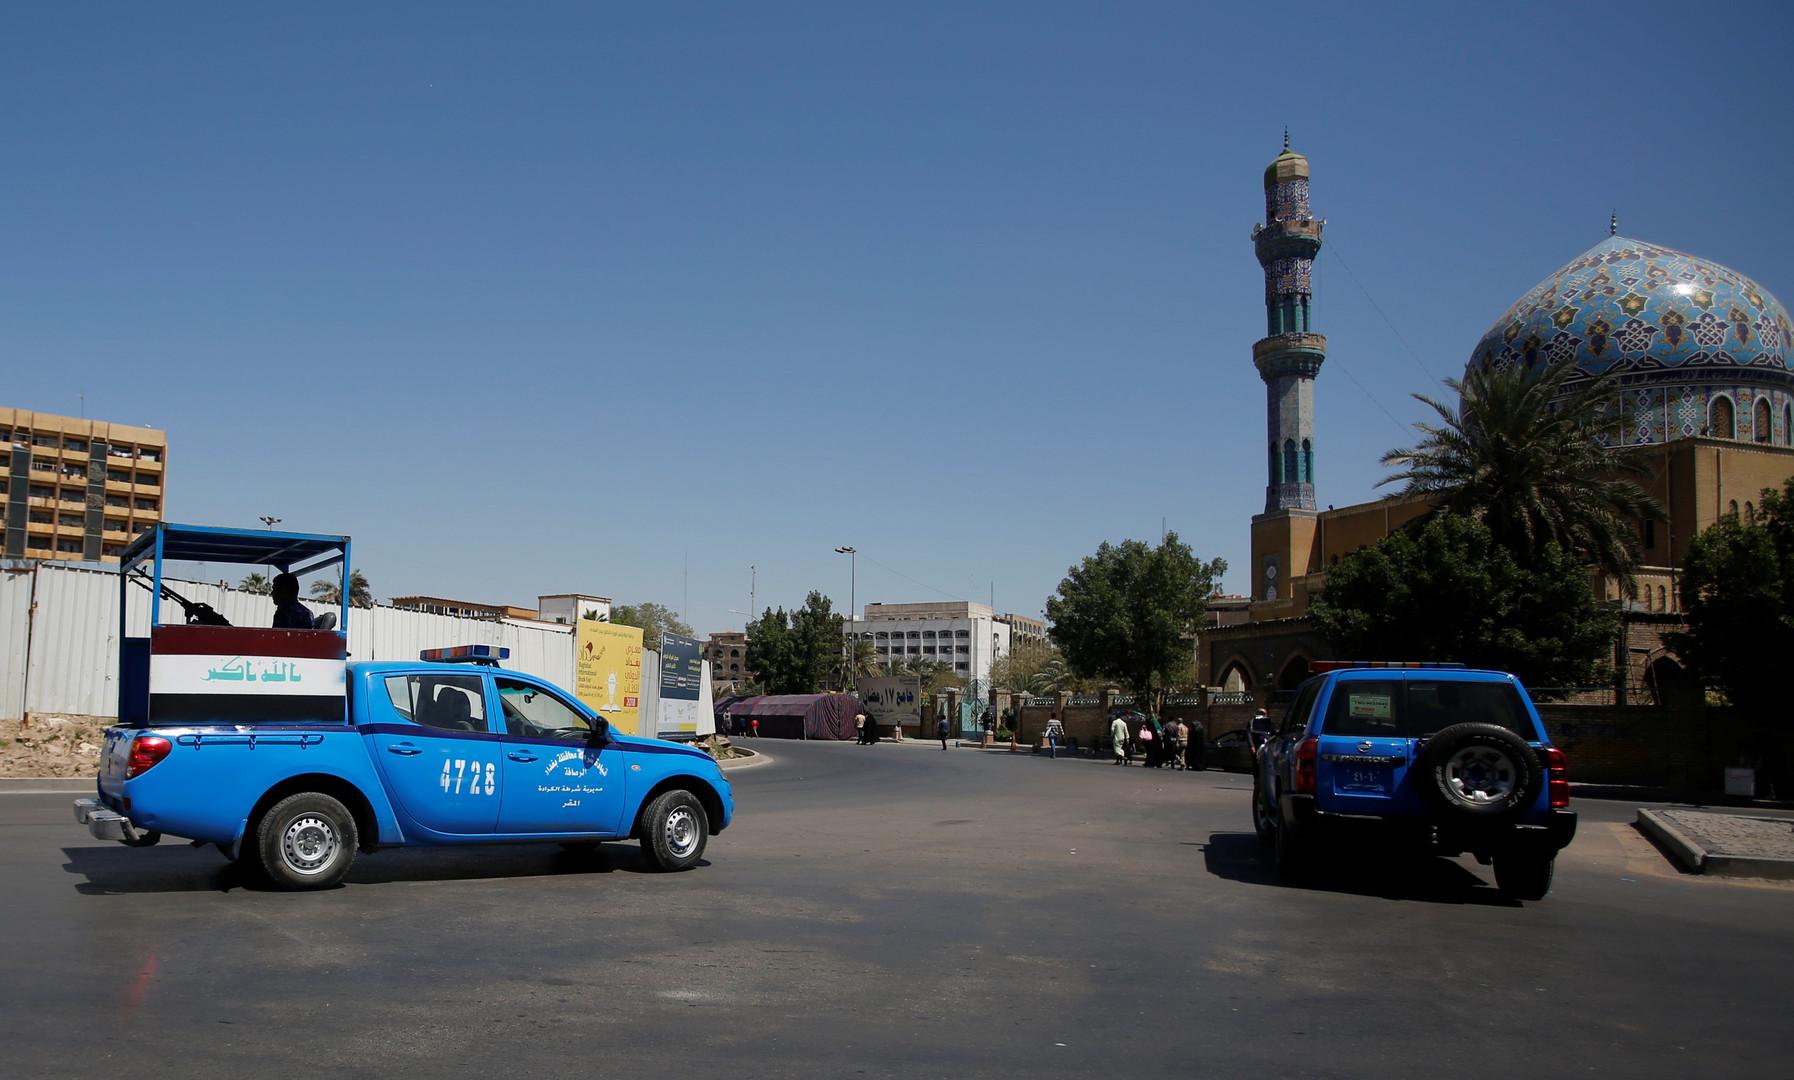 توقيف 13 ضابطاً ومنتسباً على خلفية هروب سجناء ببغداد